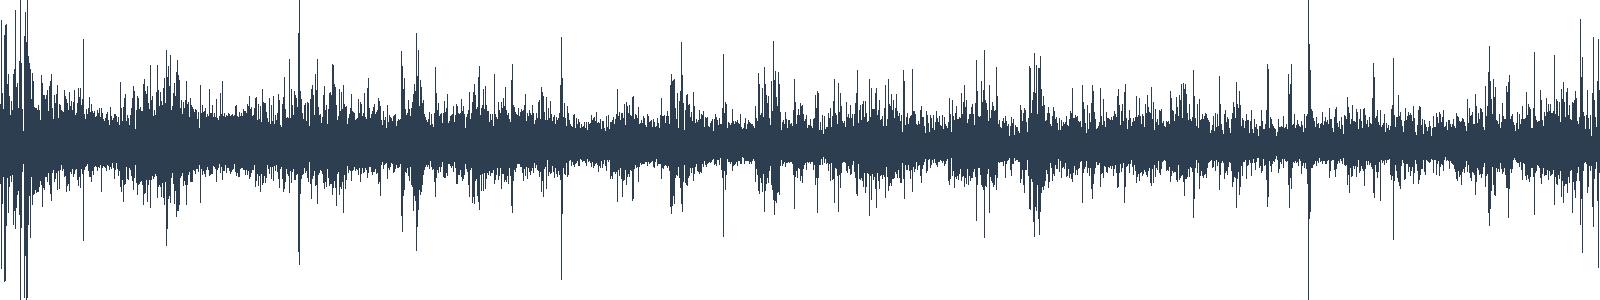 Slyšíme se #16: Společný podcast s Michalem o rodinných plánech 2020 waveform